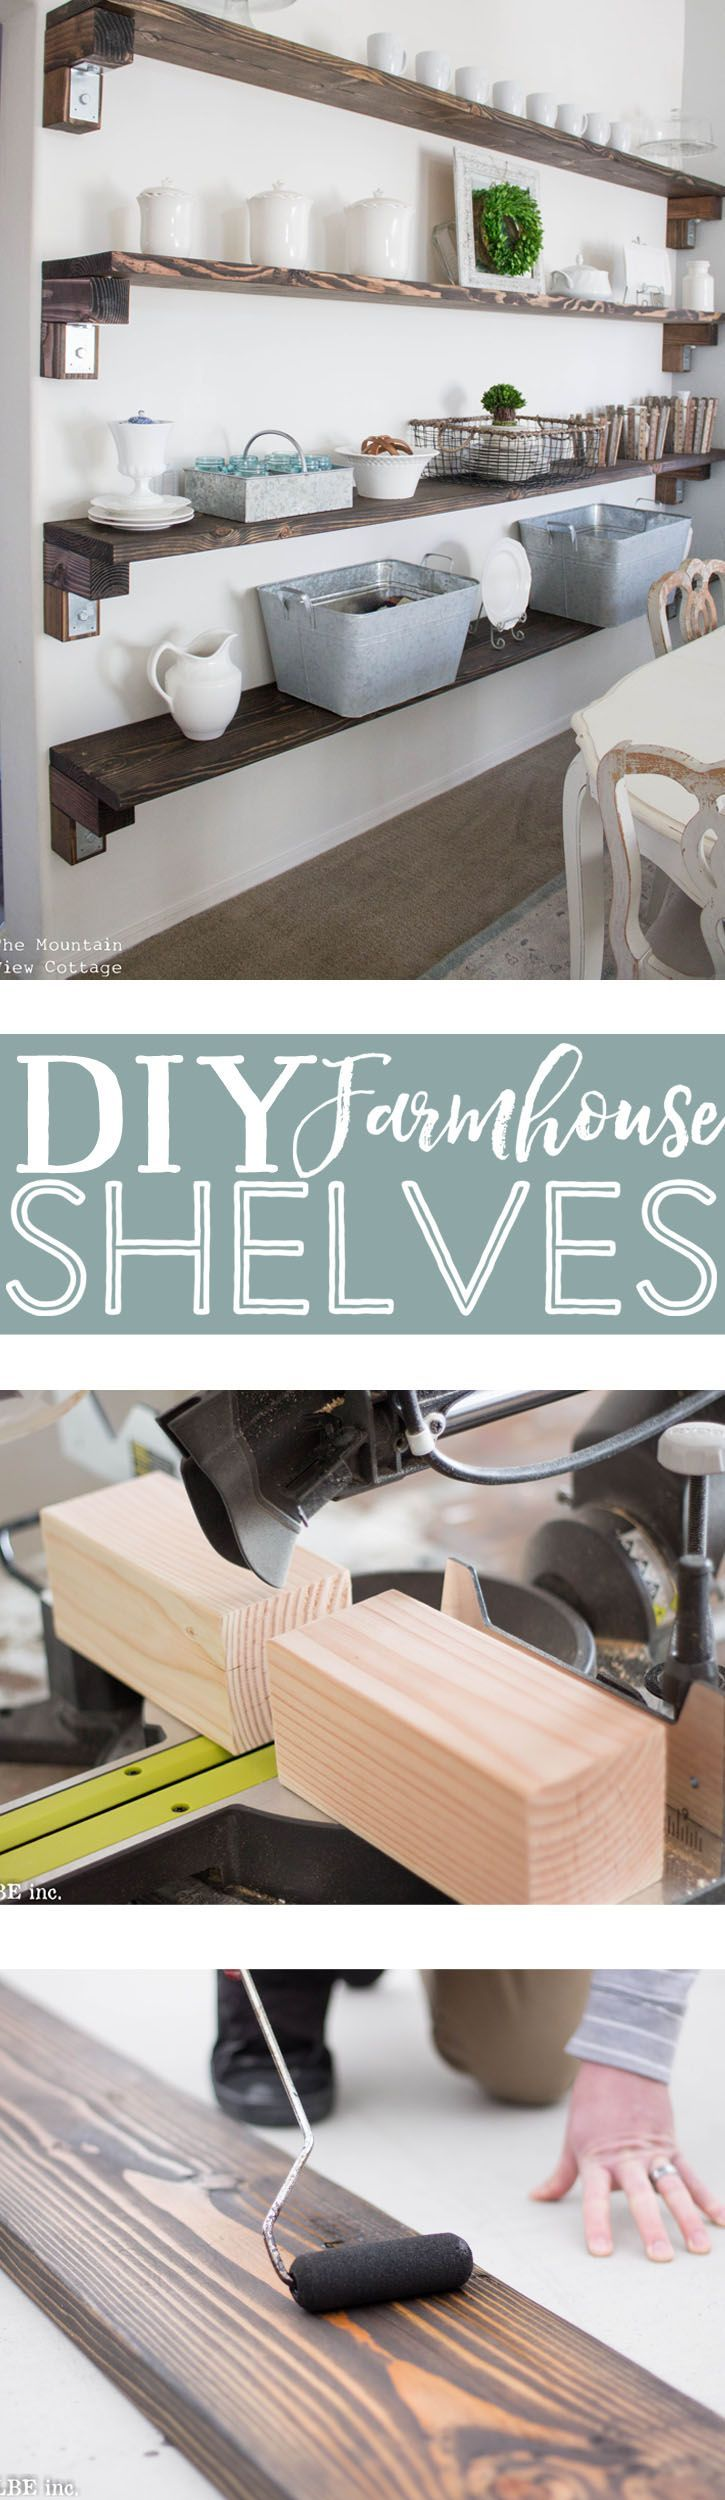 DIY Farmhouse Shelves — The Mountain View Cottage